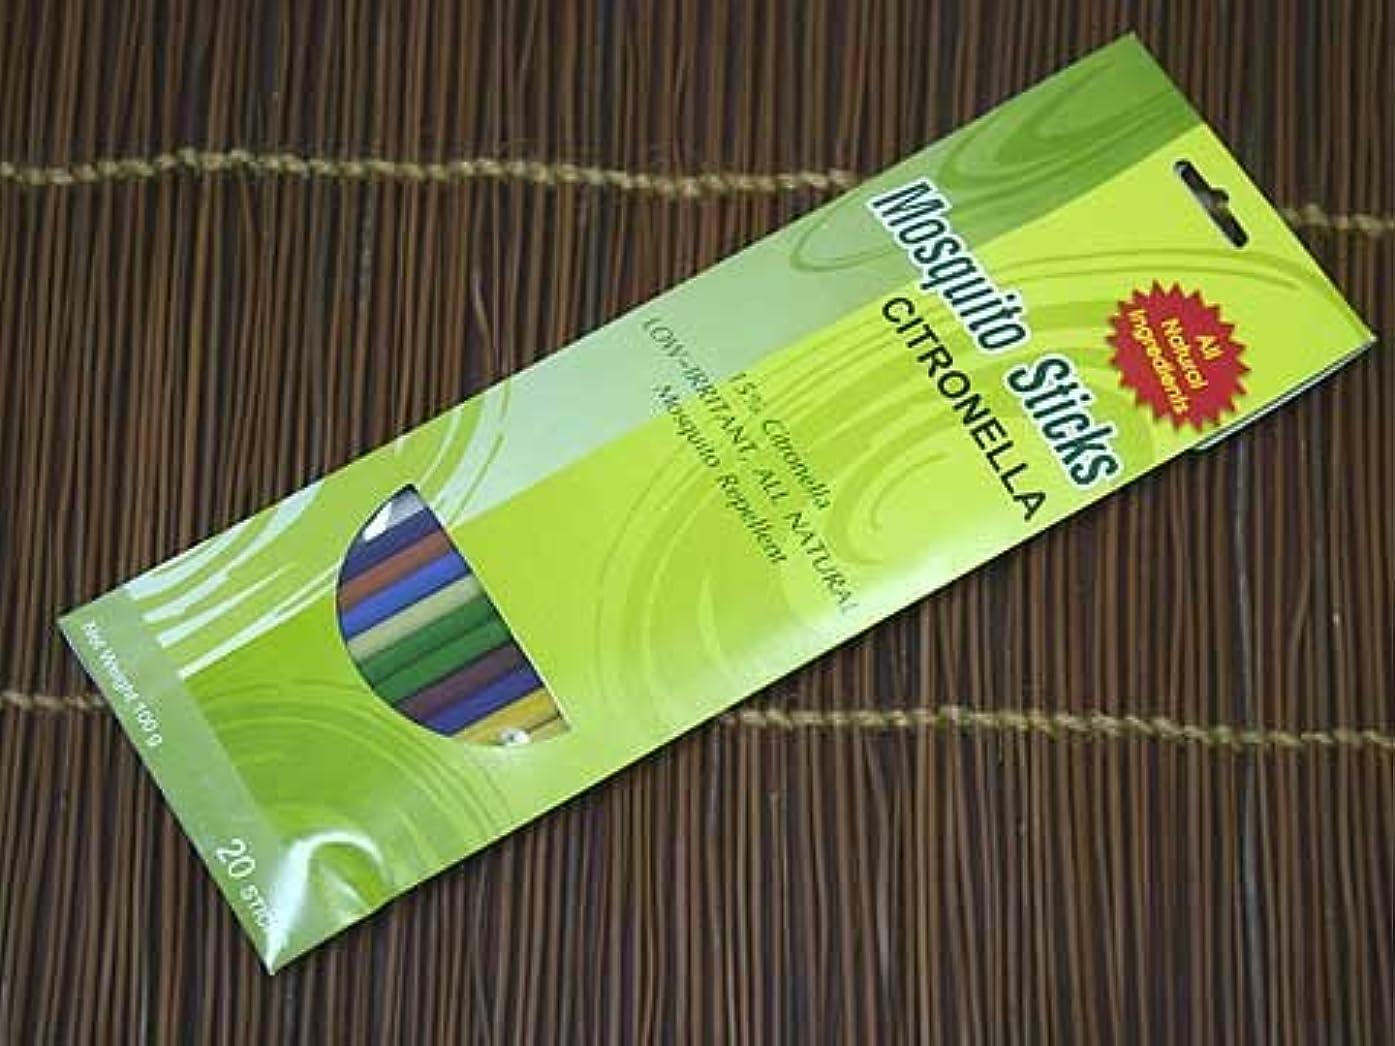 シリンダー瀬戸際橋脚THAI INCENSE シトロネラスティックペーパーパック 夏に最適 タイのオールナチュラルメイド